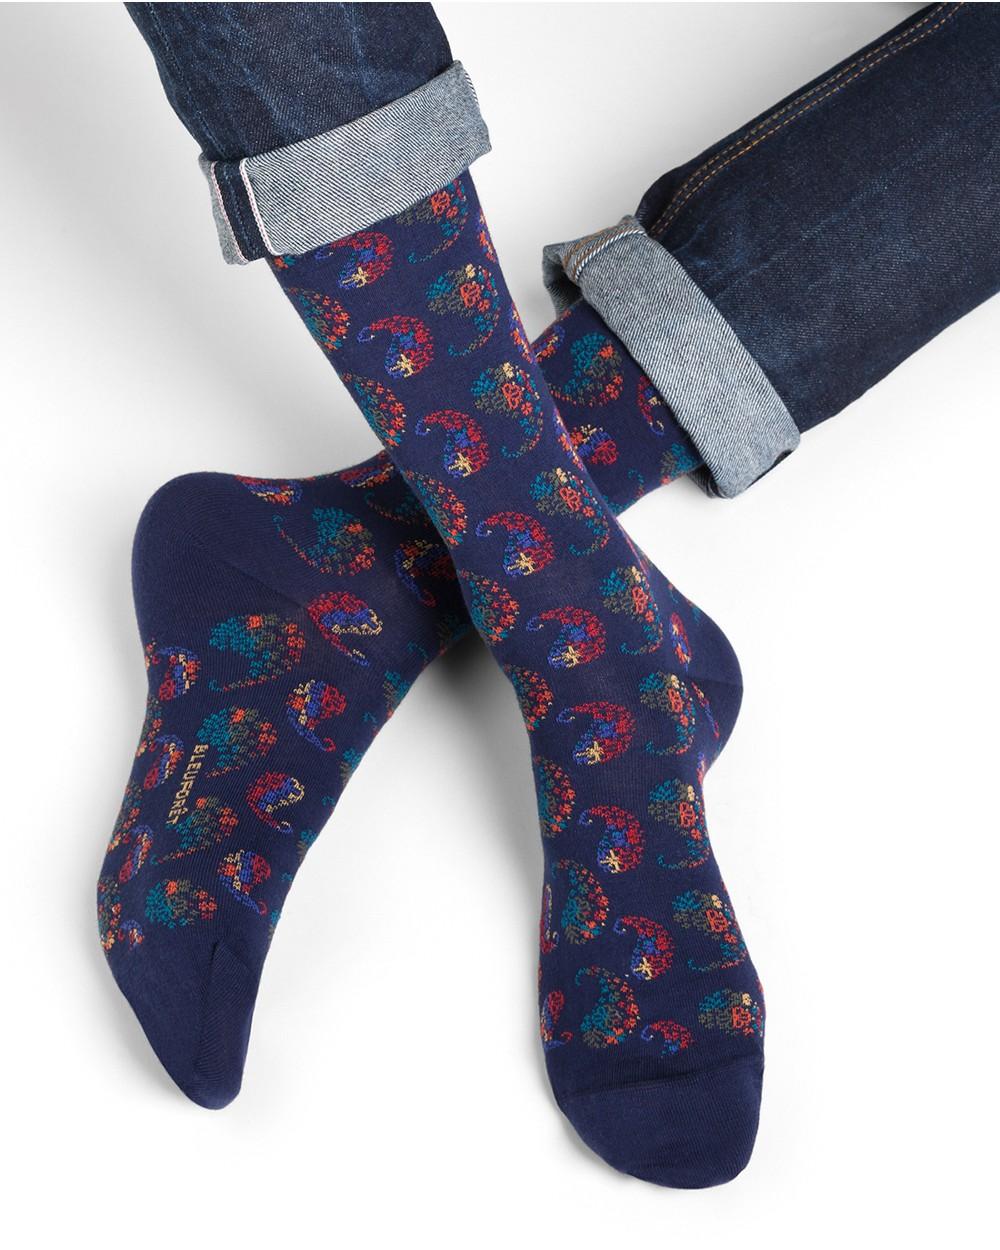 Chaussettes coton motifs arabesques